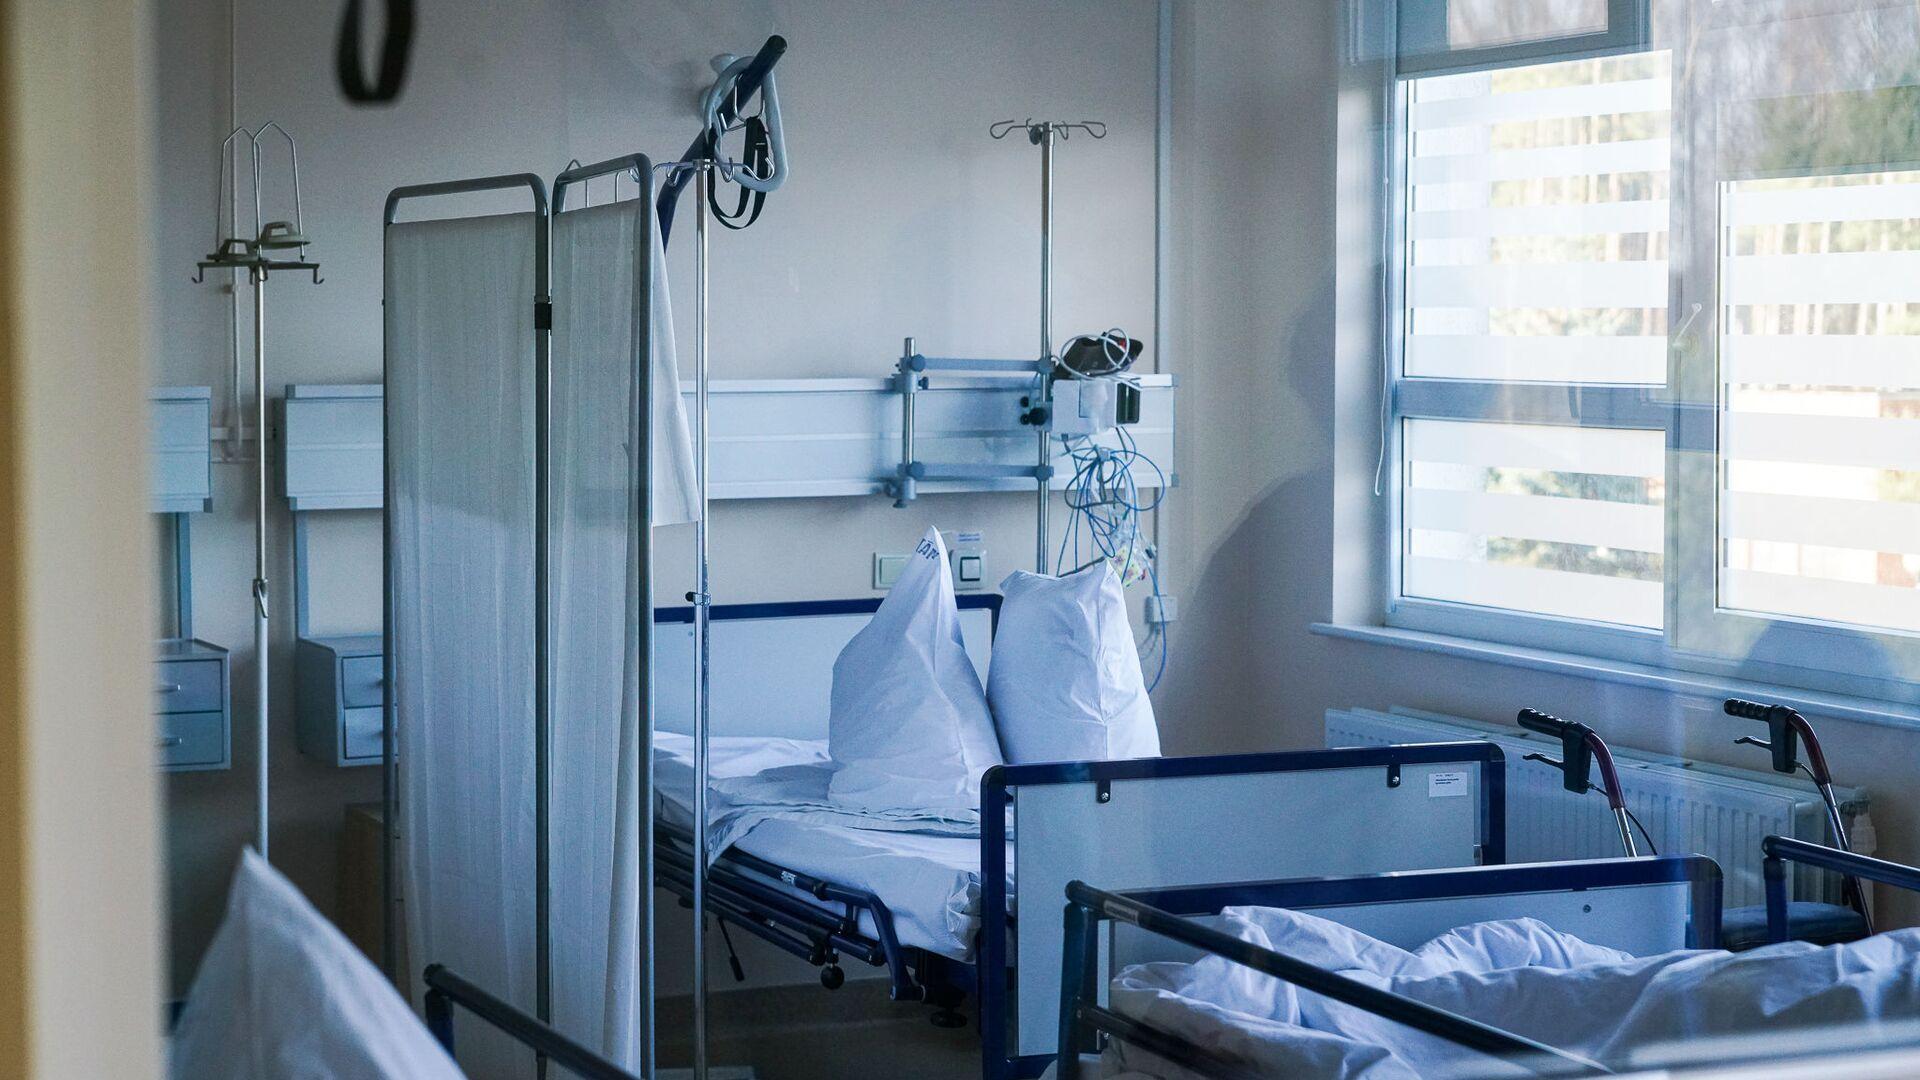 Палата в коронавирусном отделении Даугавпилсской региональной больницы - Sputnik Латвия, 1920, 08.07.2021